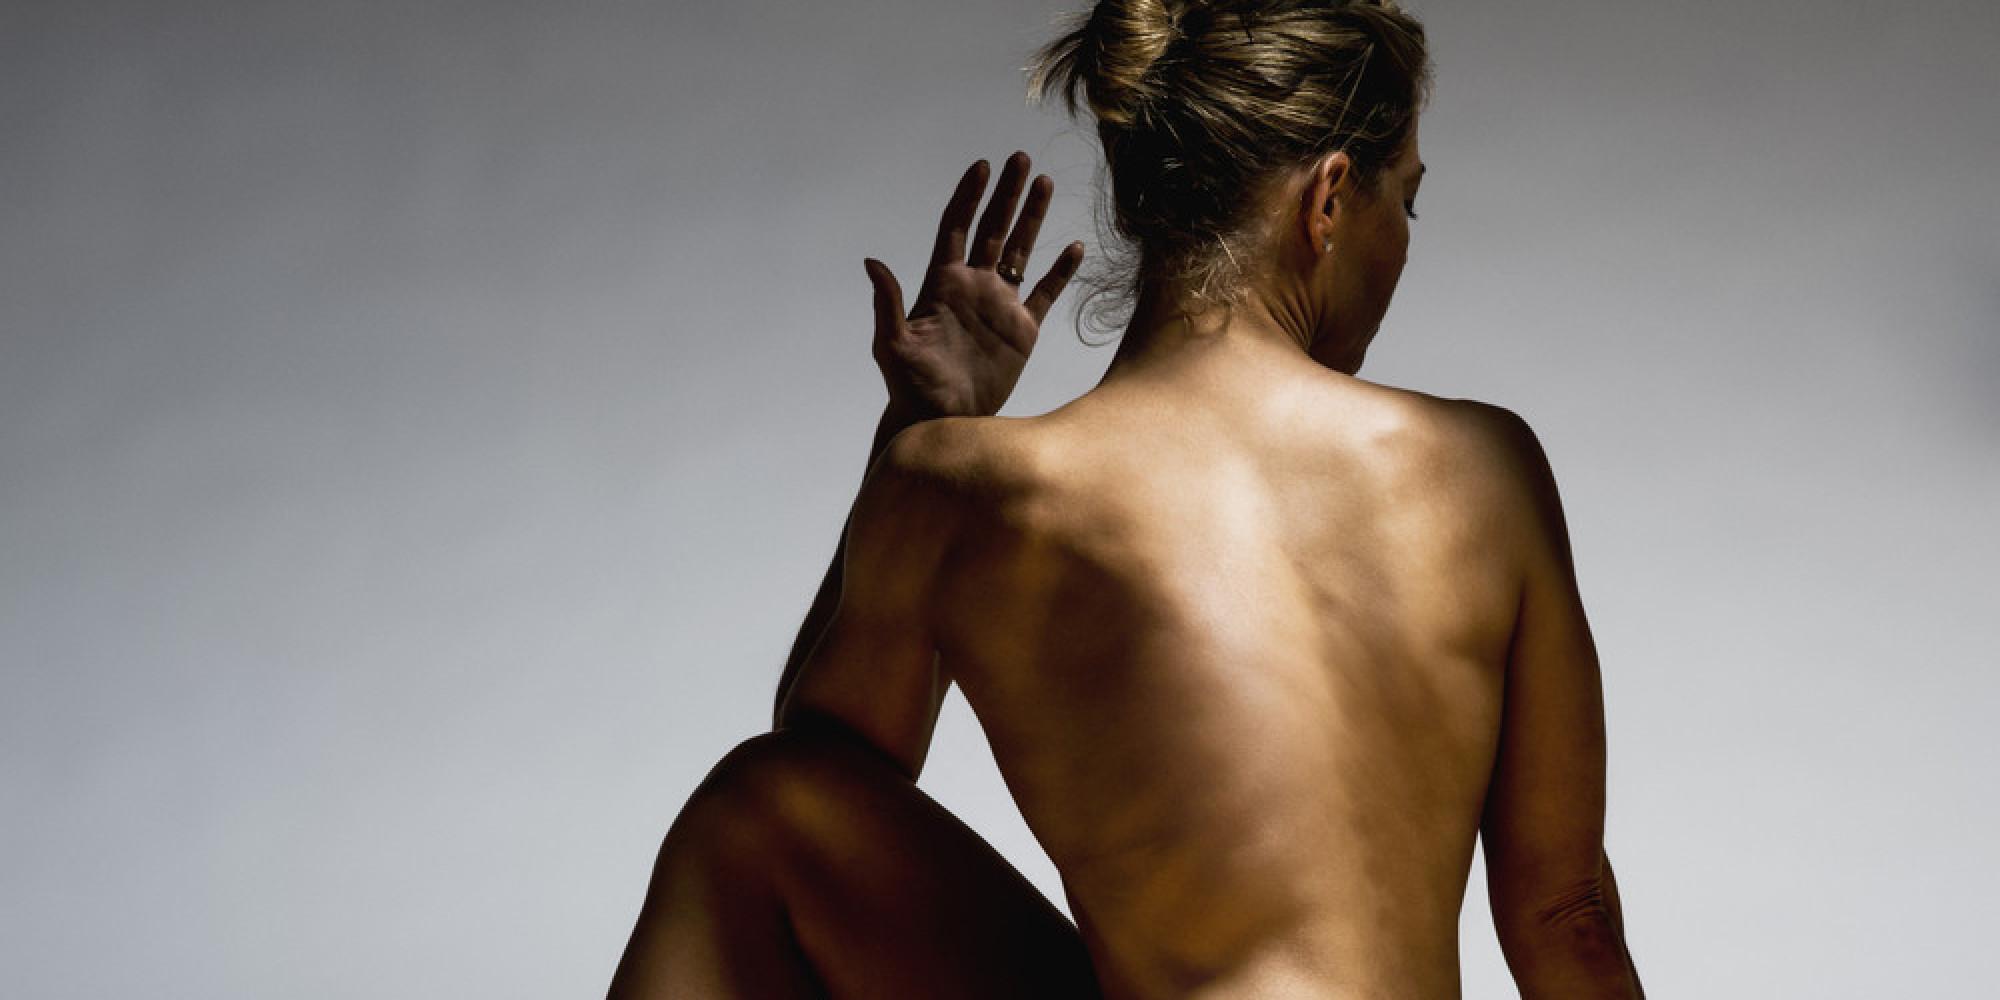 Yoga al desnudo (FOTOS EXPLÍCITAS)  0b31a89cce21